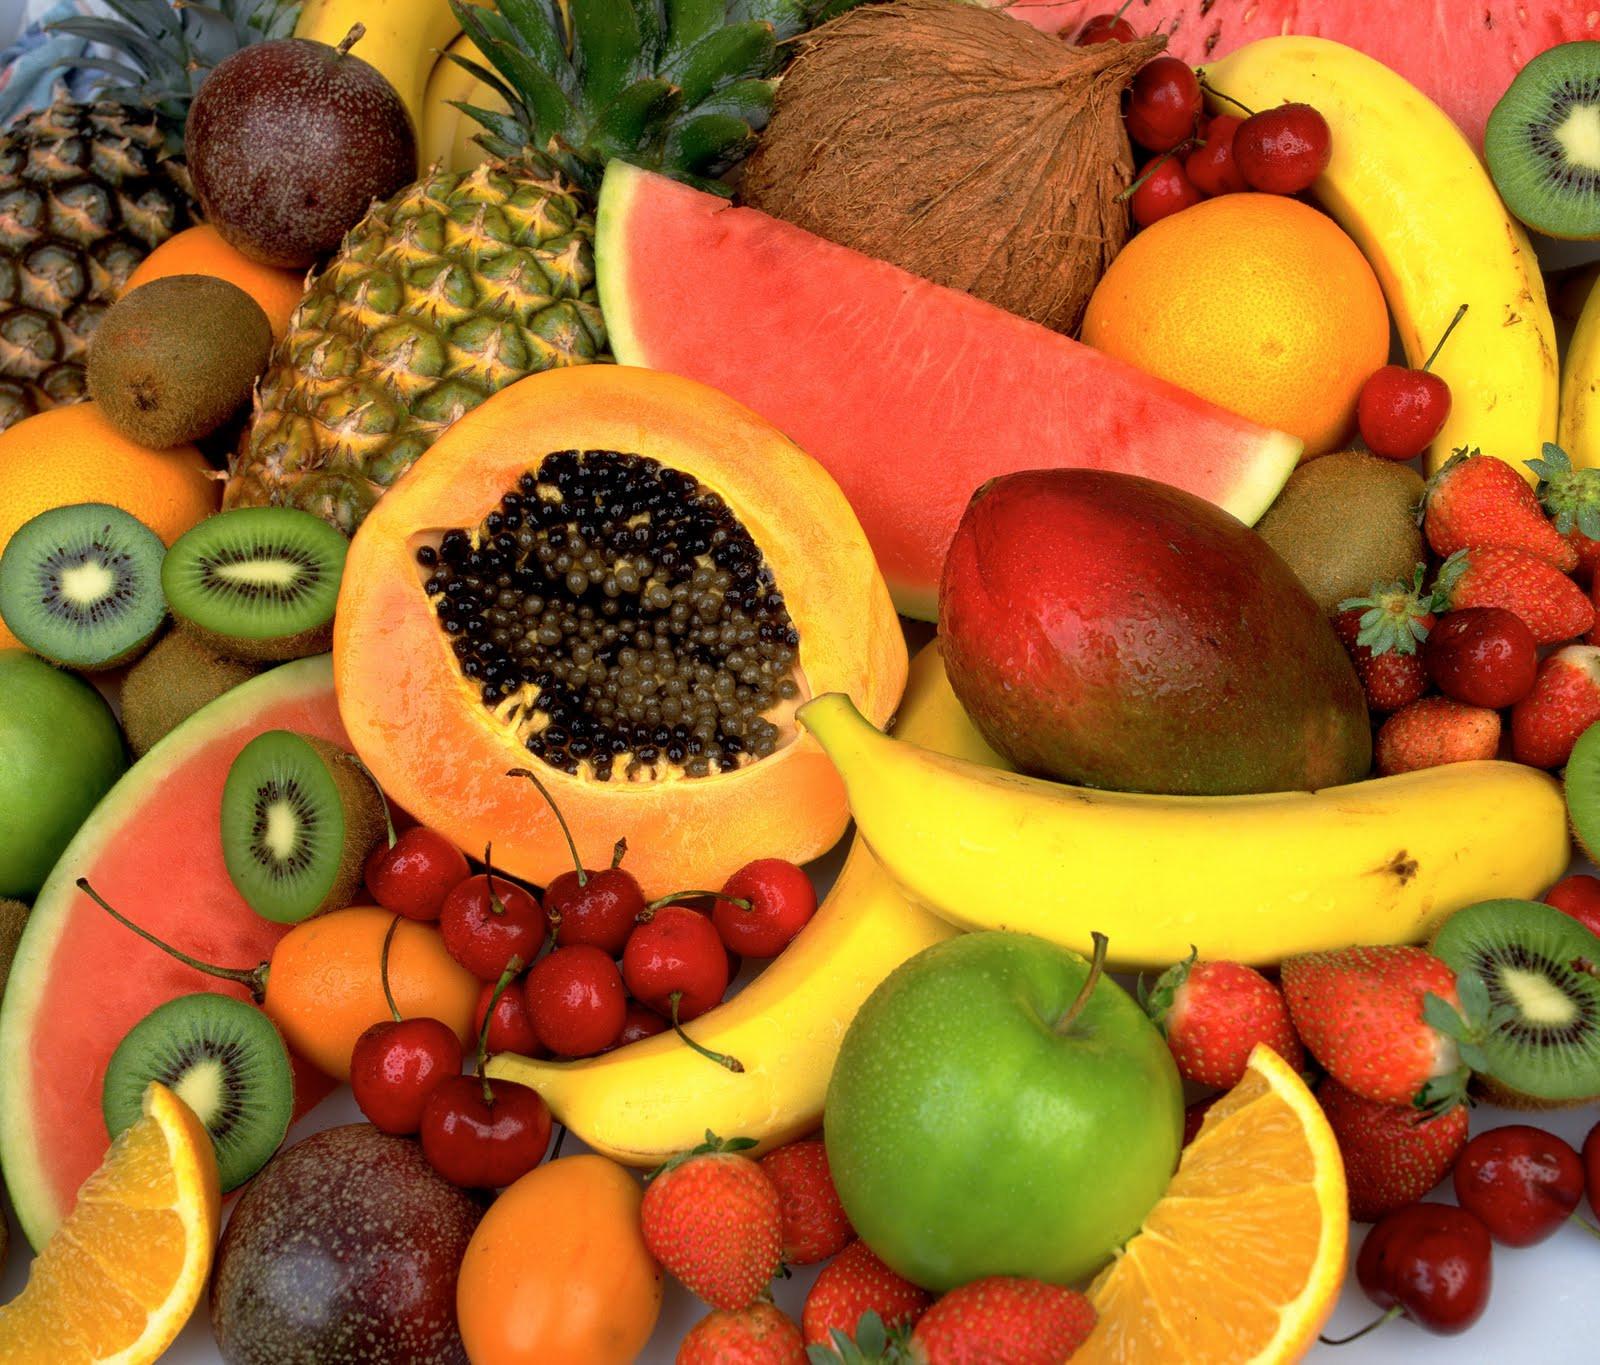 Το καλοκαιρινό φρούτο που μας προστατεύει από επικίνδυνες ασθένειες